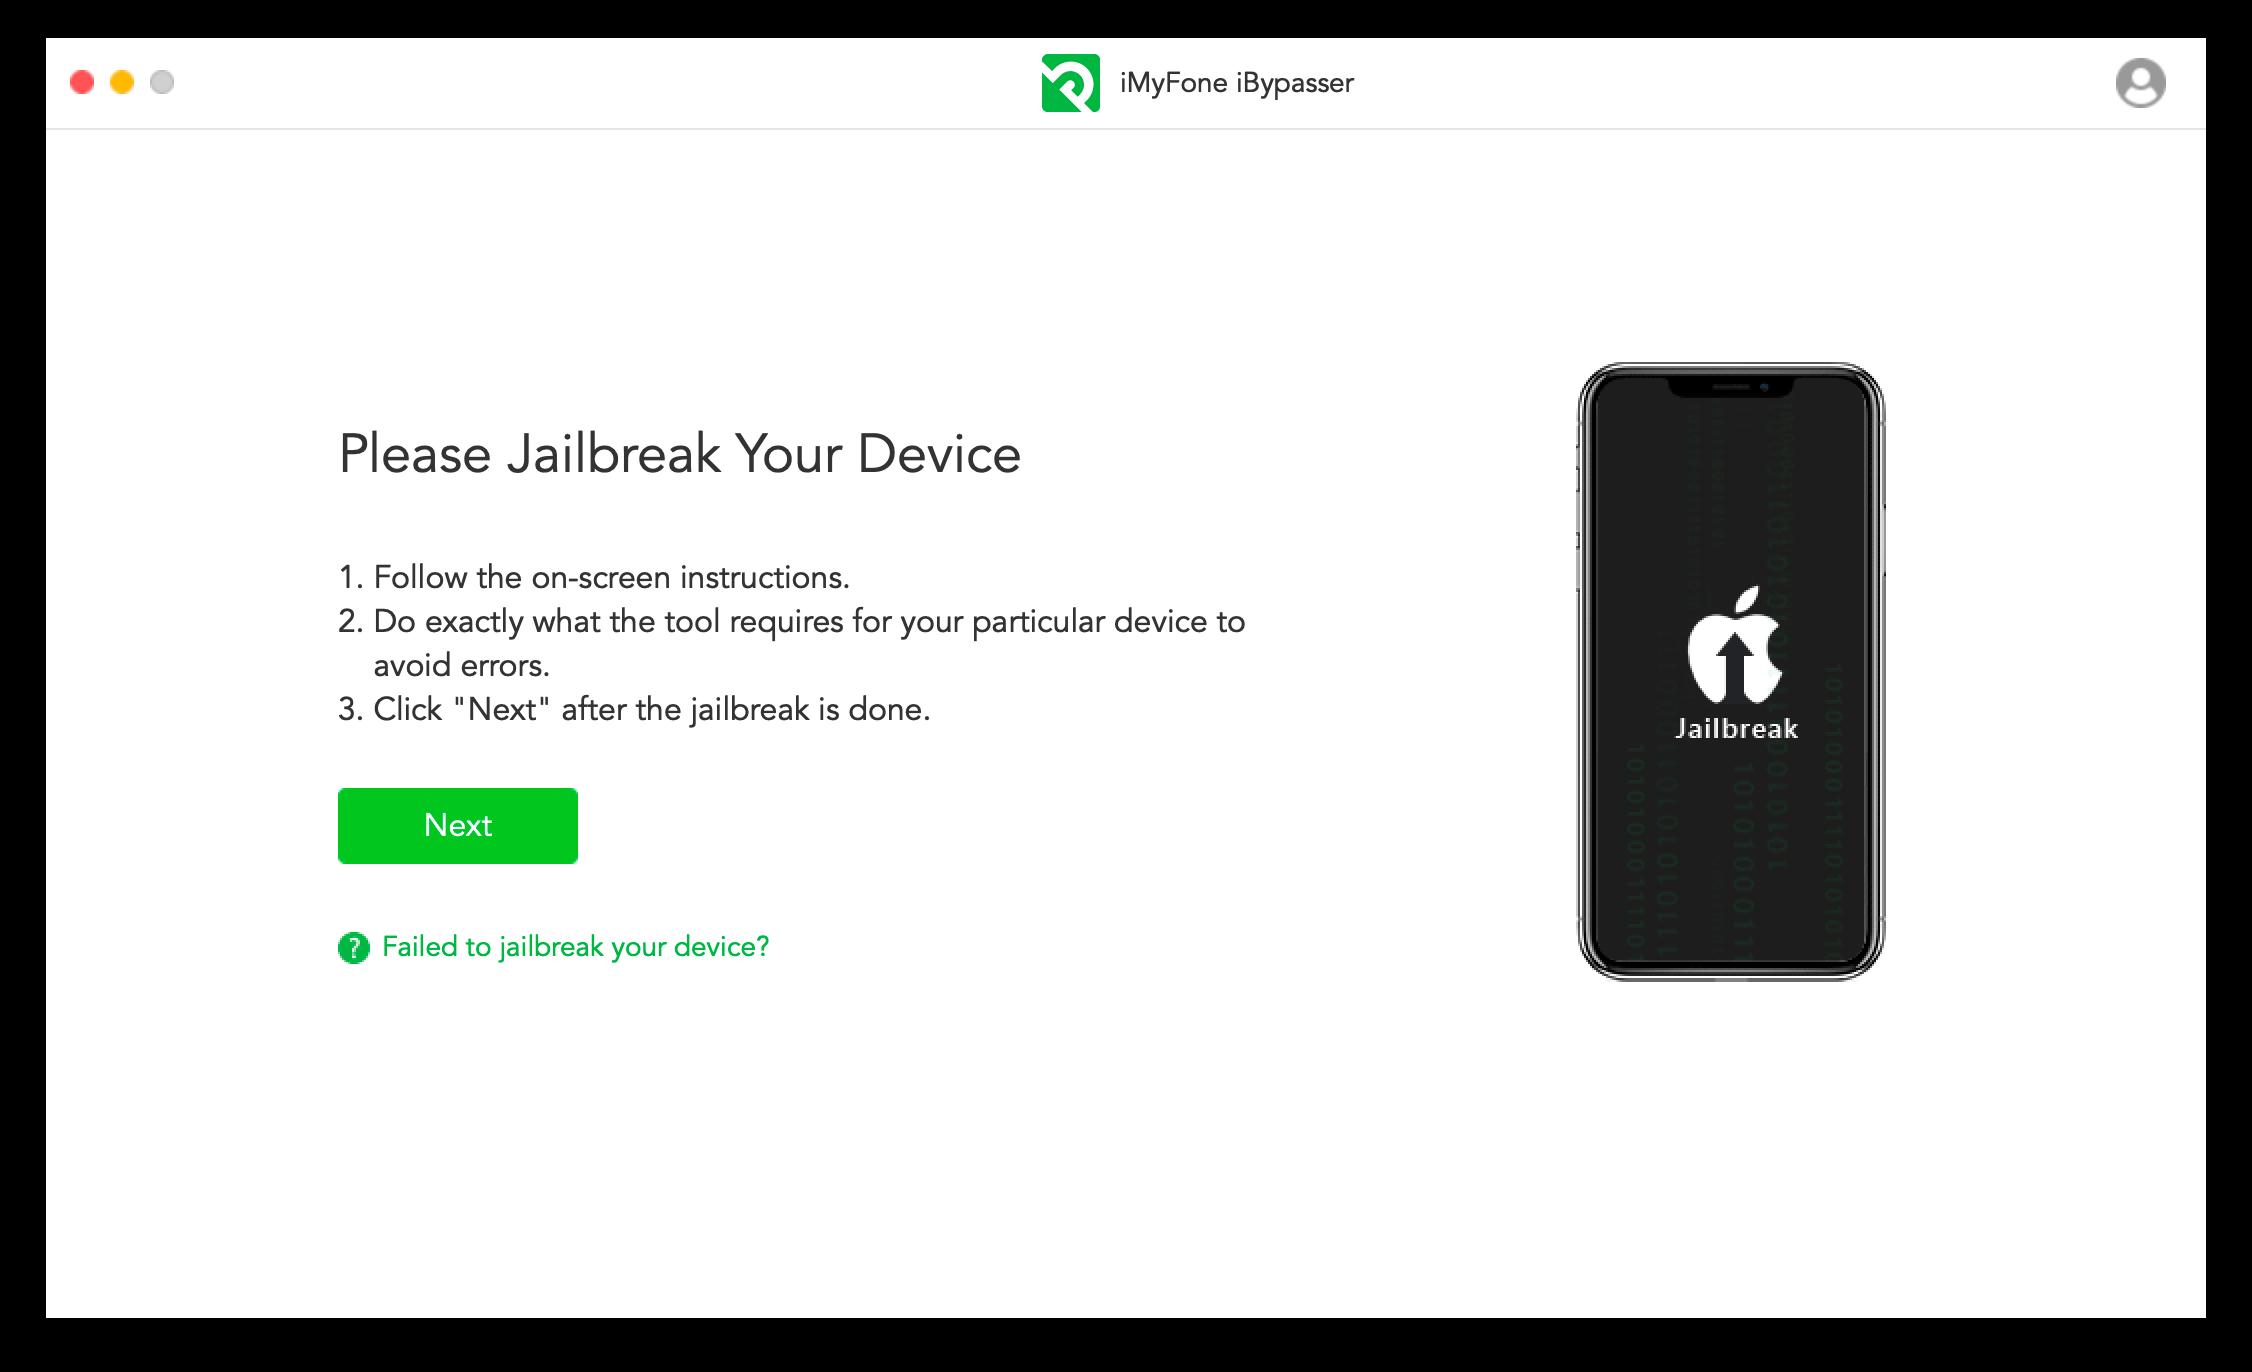 iMyFone iBypasser Screenshot